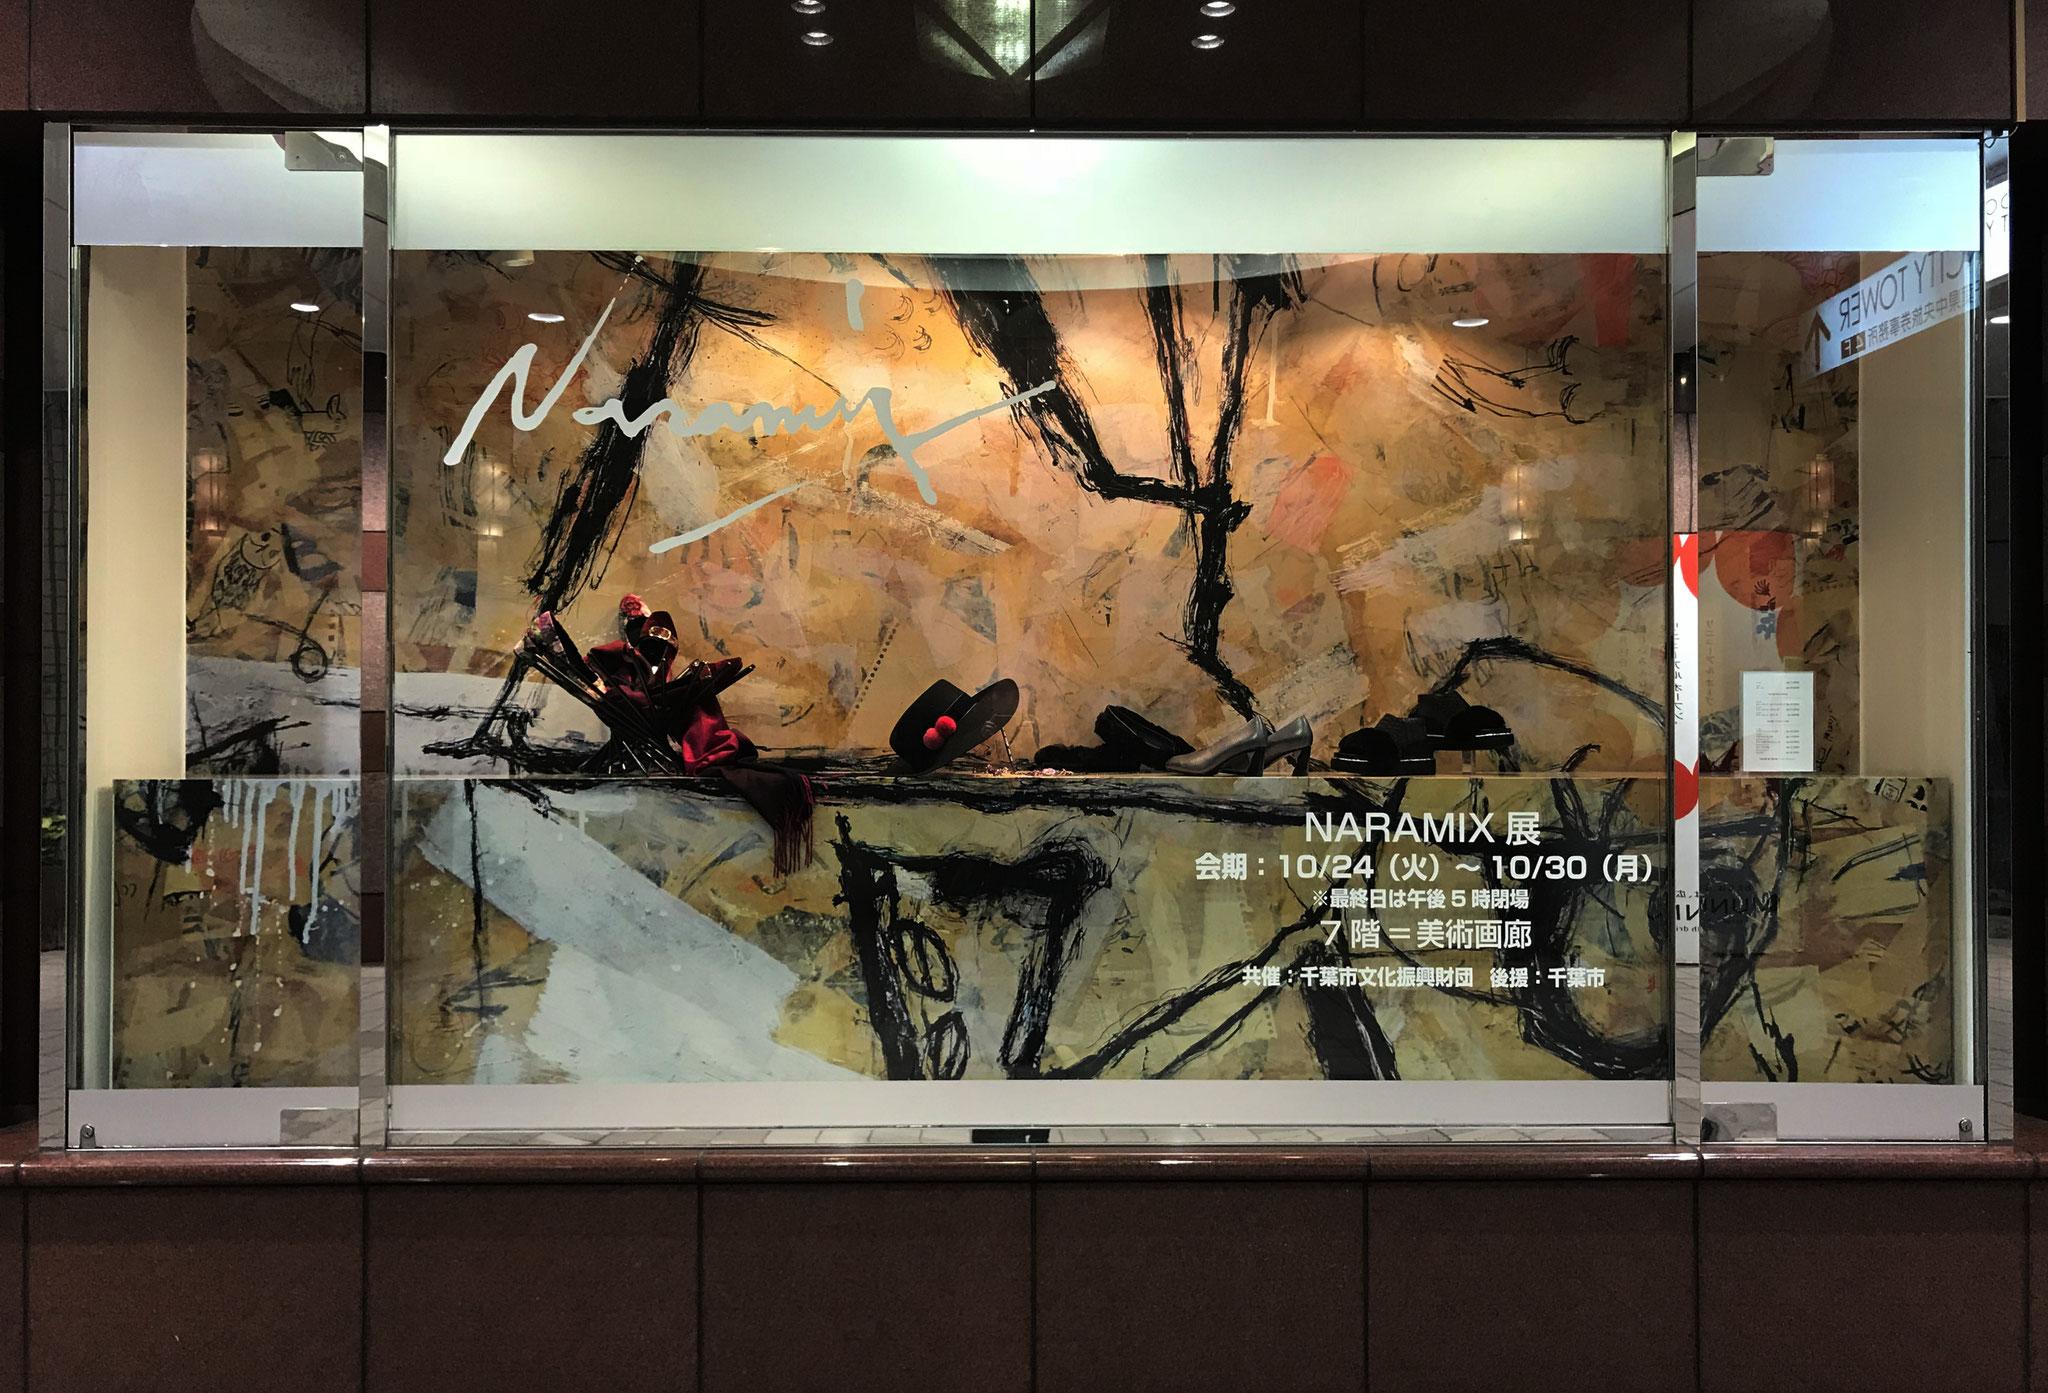 そごう千葉店内でのアートイベントに合わせ、ショーウインドウでアートと季節のファッションがコラボしました。